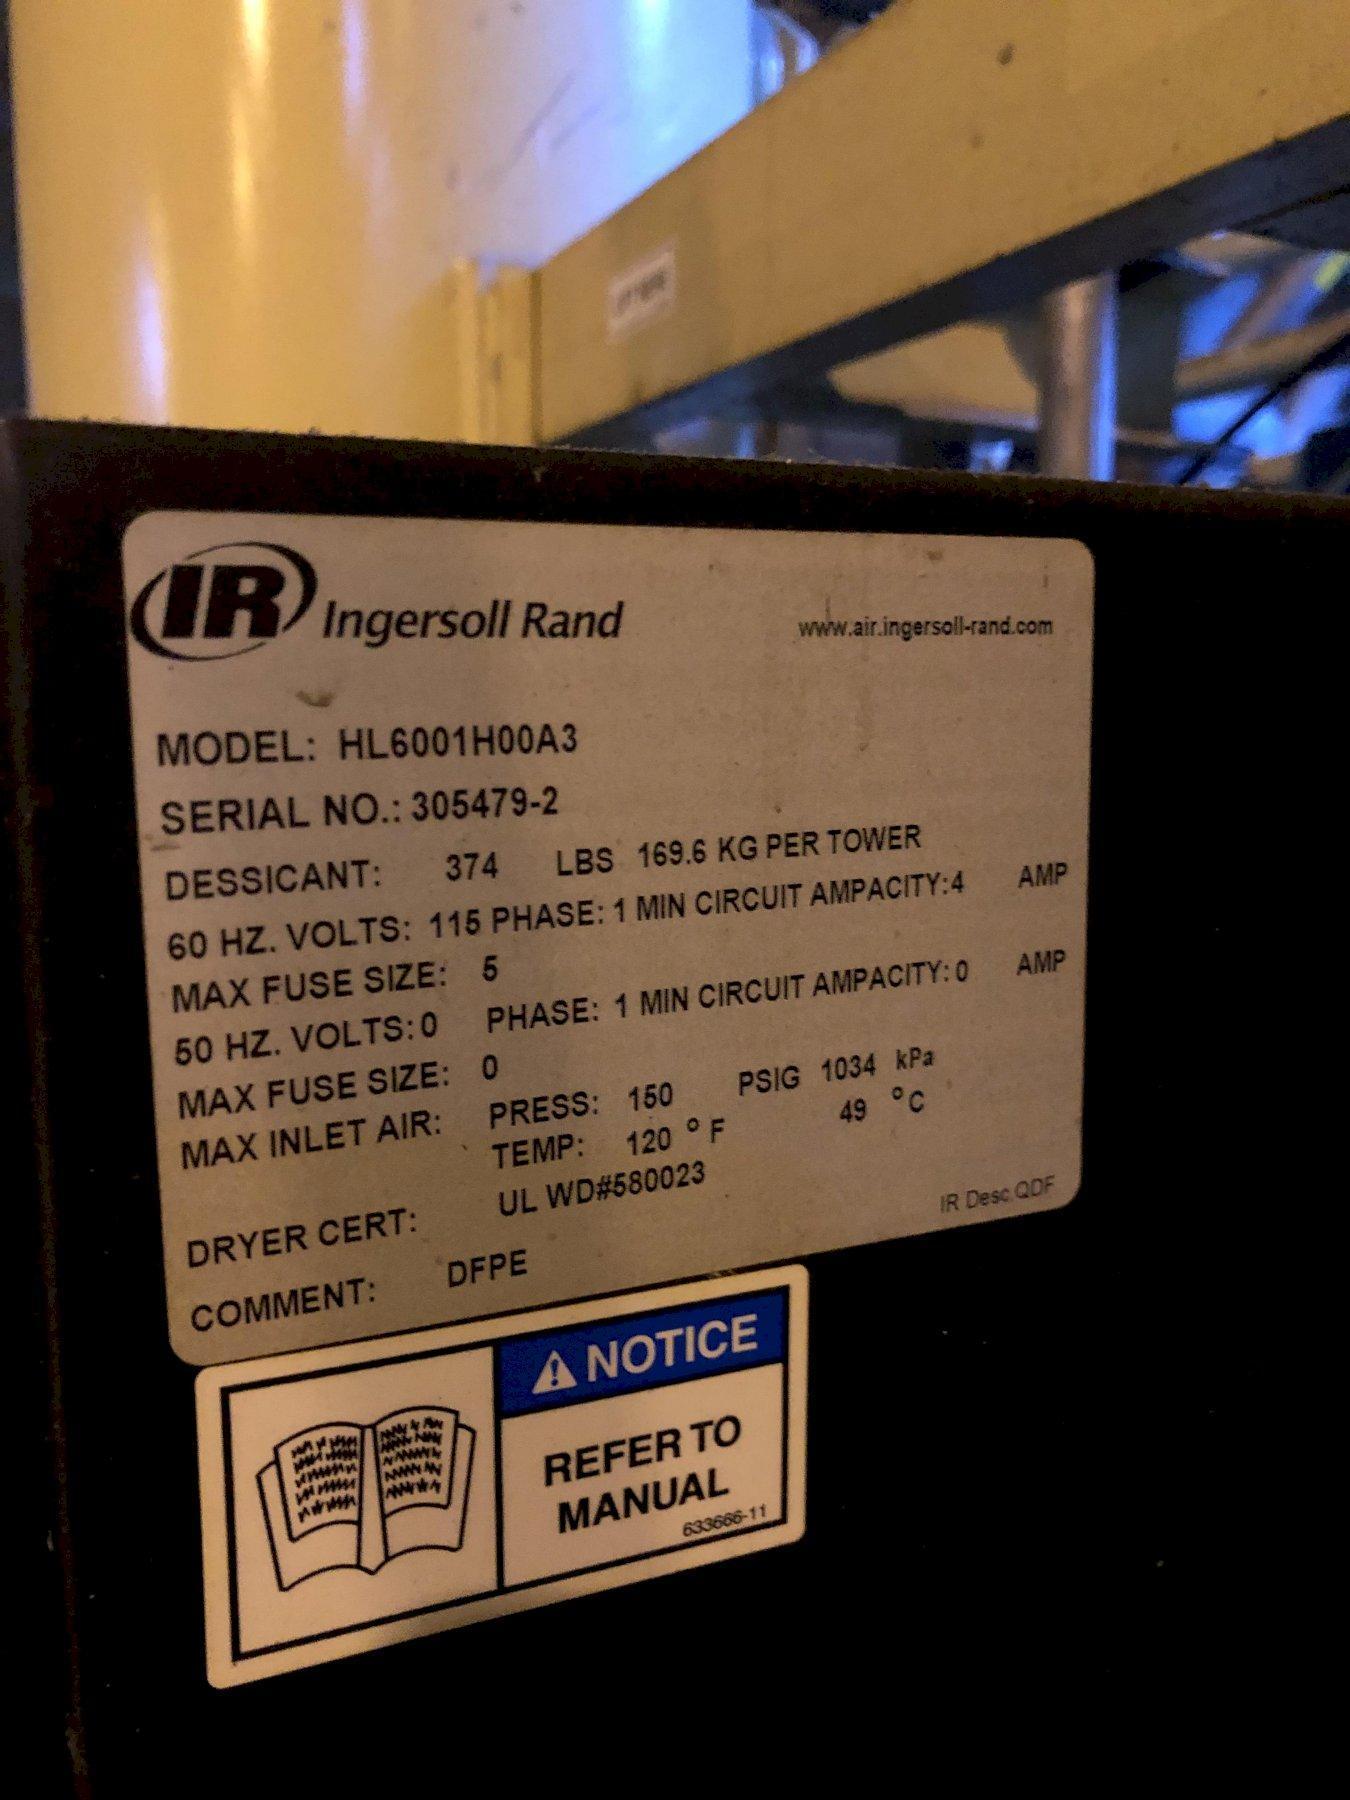 Ingersol Rand model hl6001h00a3 desiccant air dryer s/n 305479-2